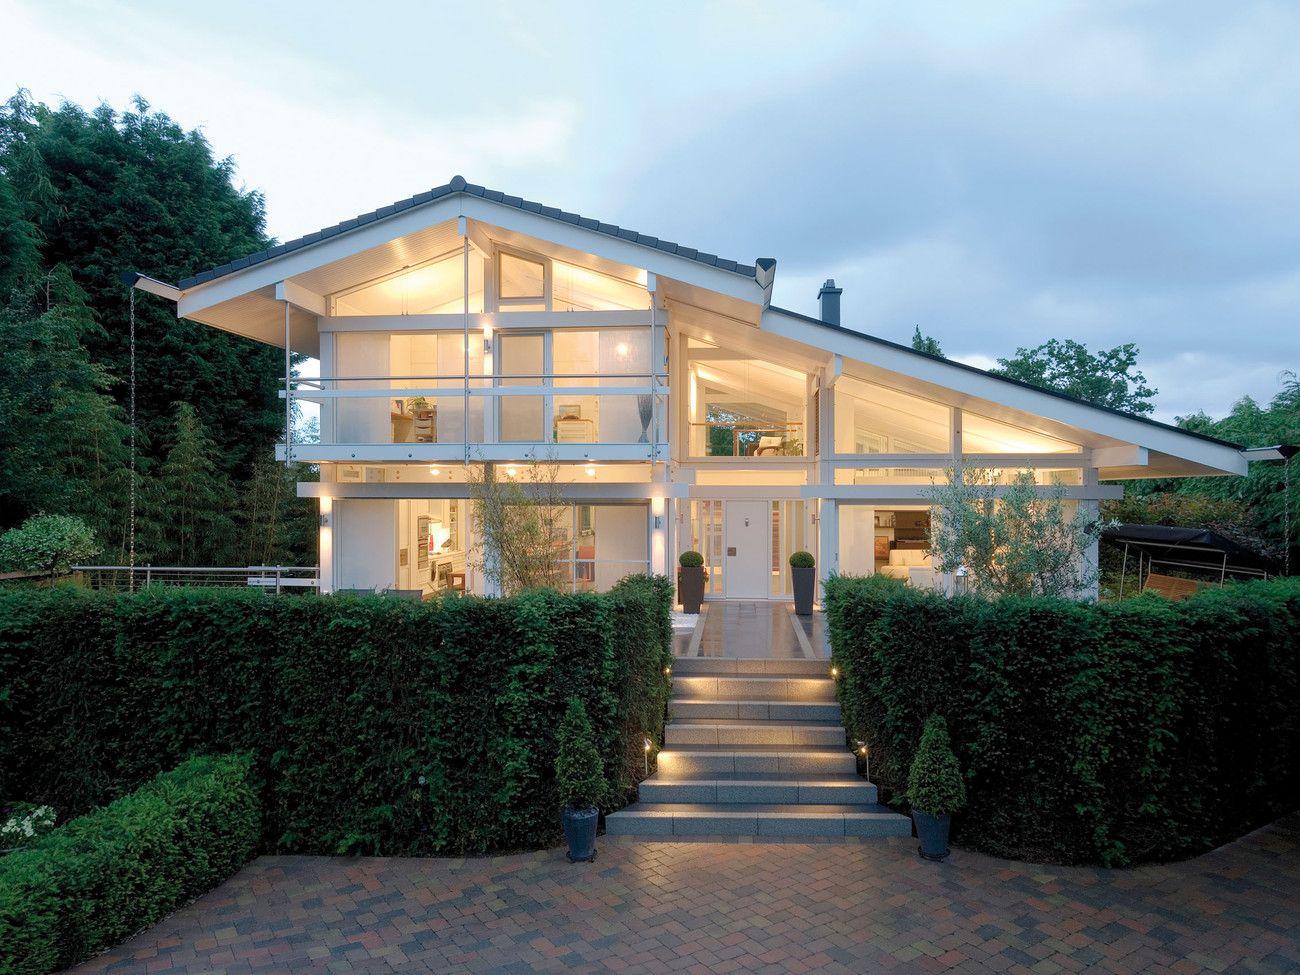 Traumhausgalerie - Moderne Fachwerkhäuser - HUF HAUS | HOME ...